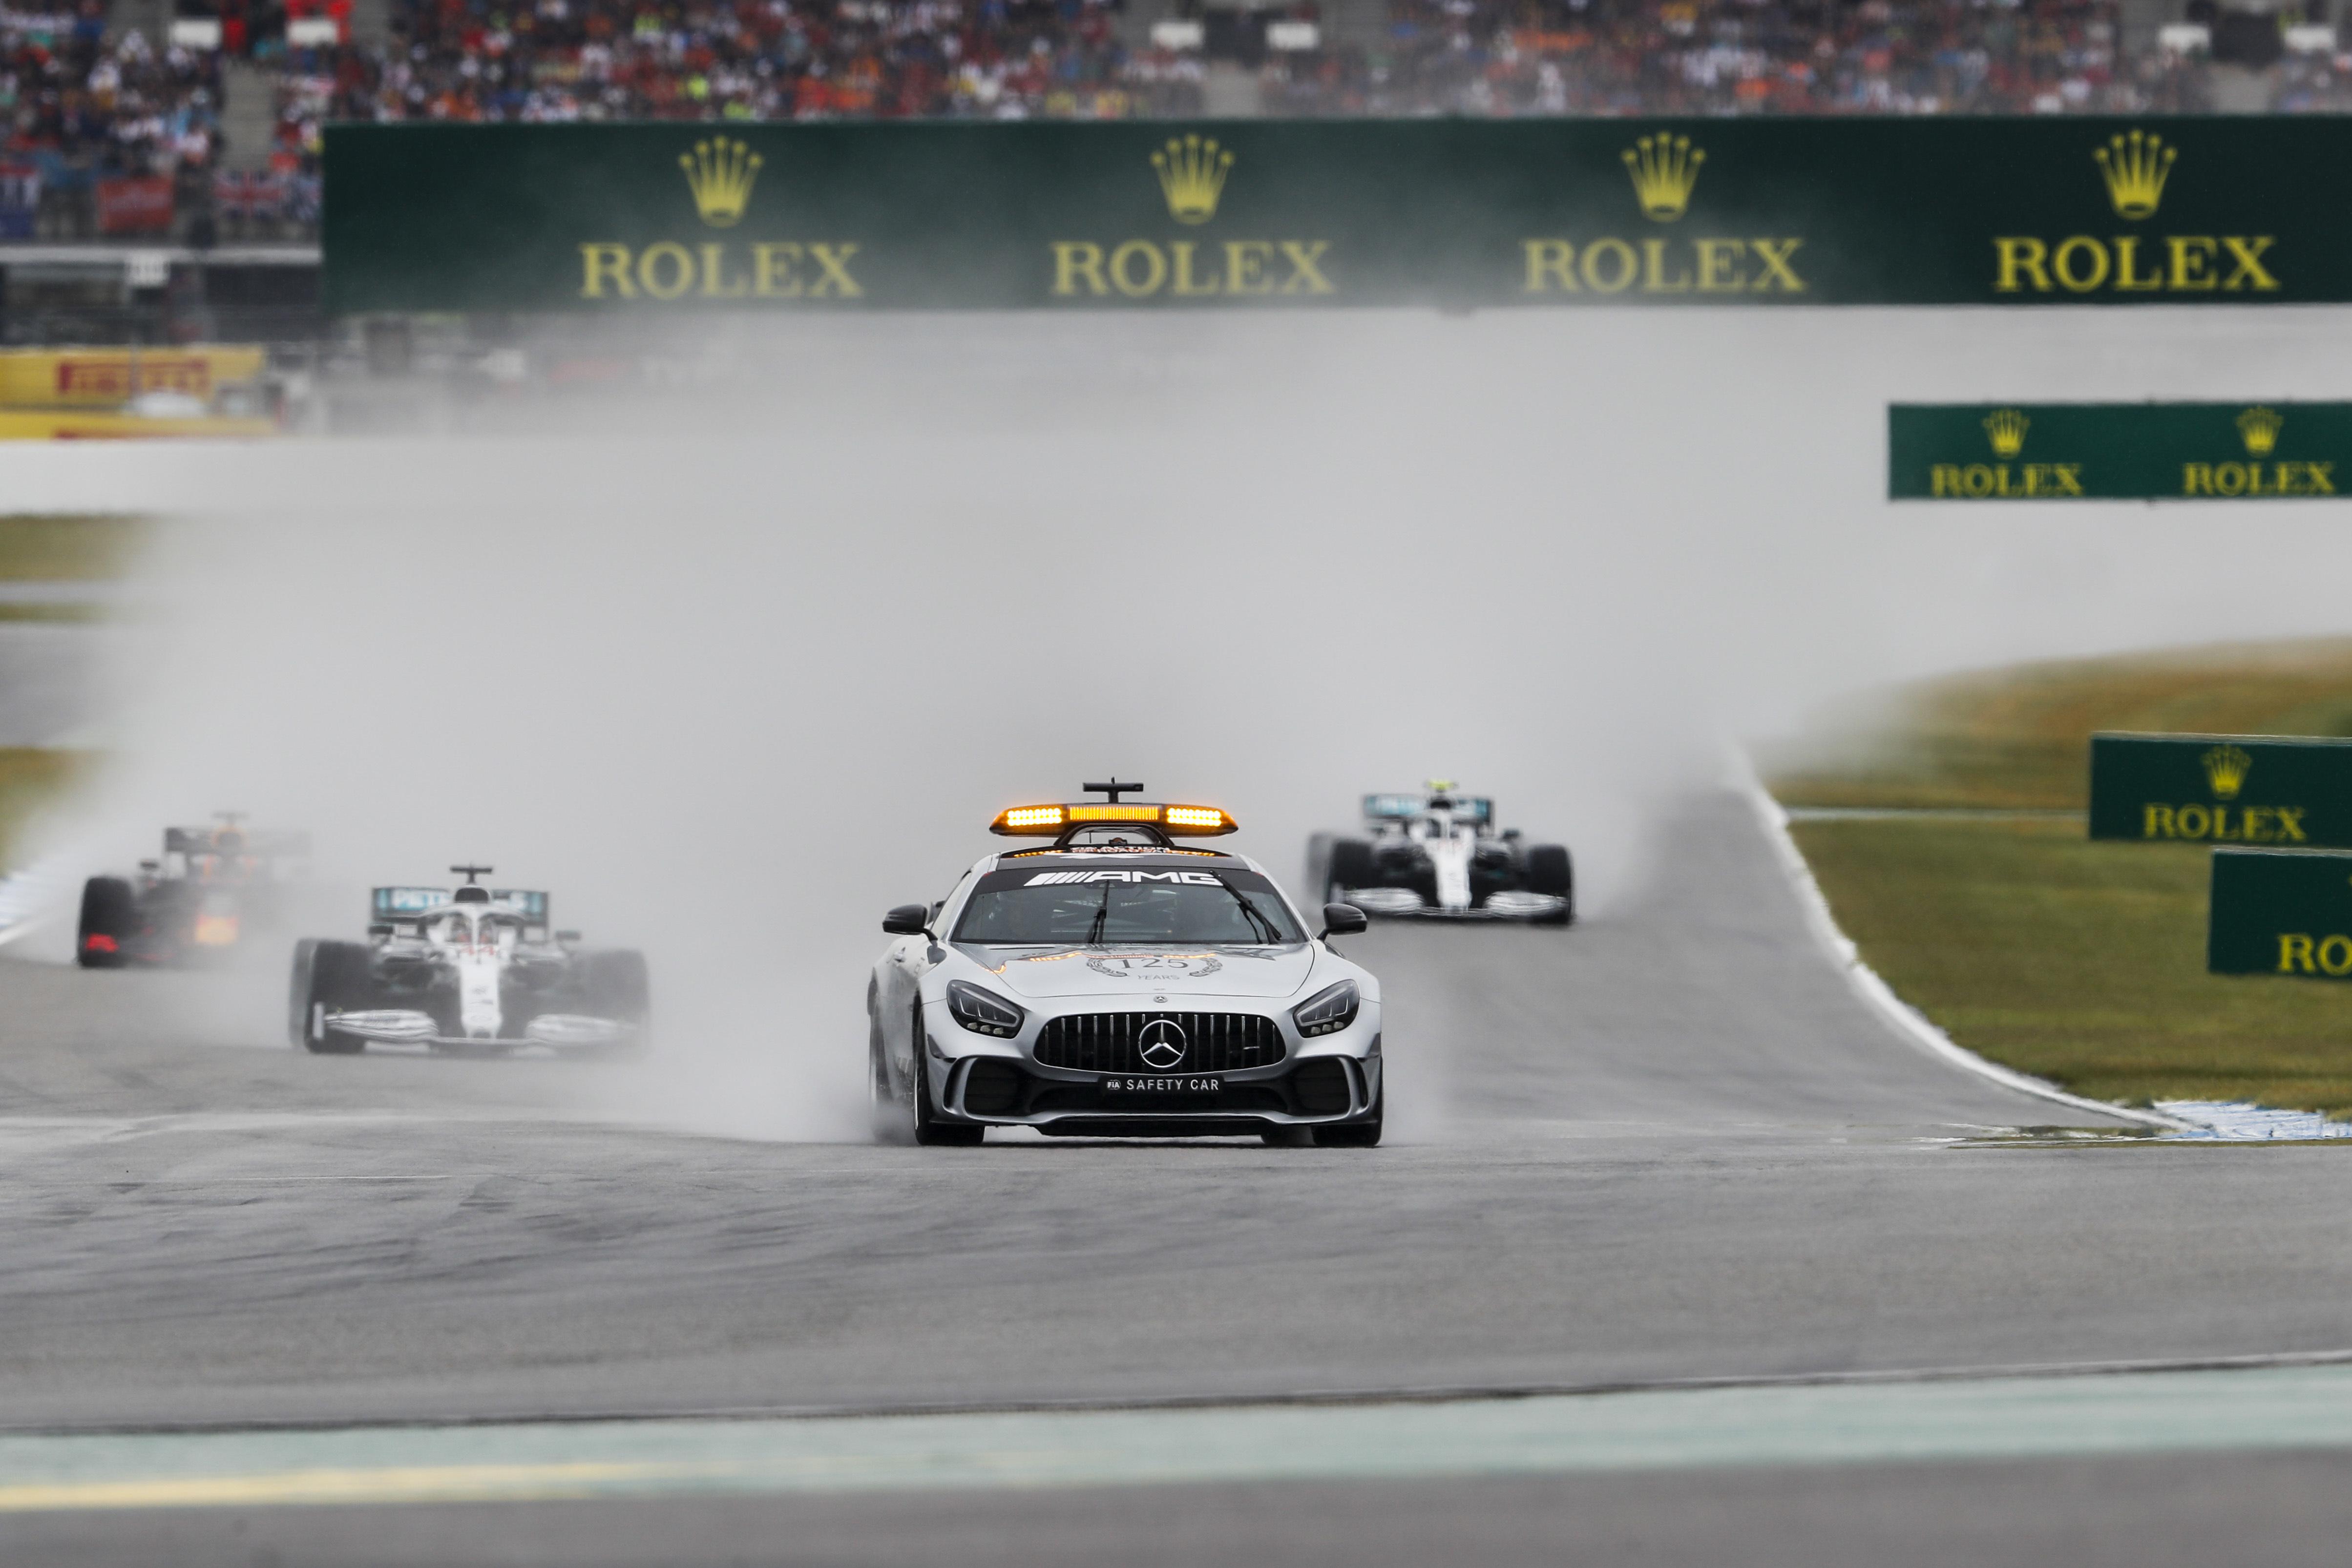 Masszívabb autók és színes lámpák jöhetnek az F1-ben